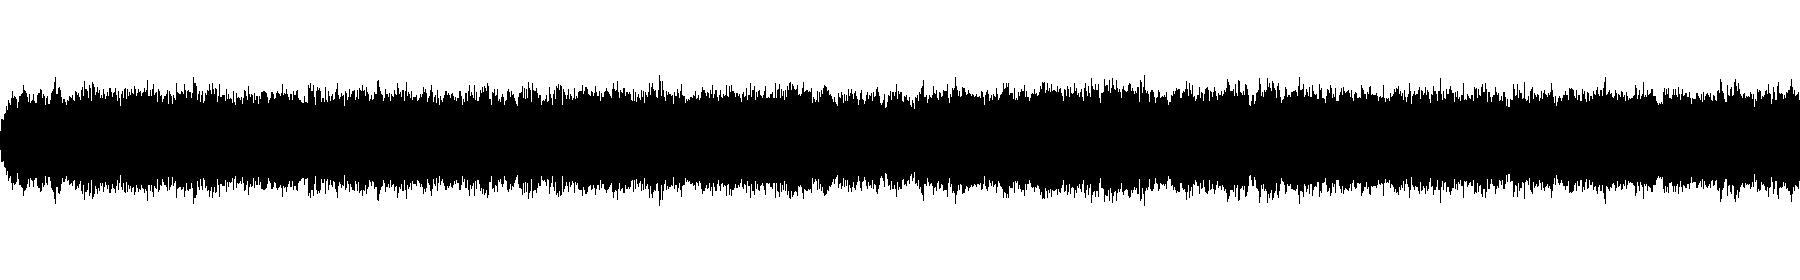 arp dreamharp c 120bpm